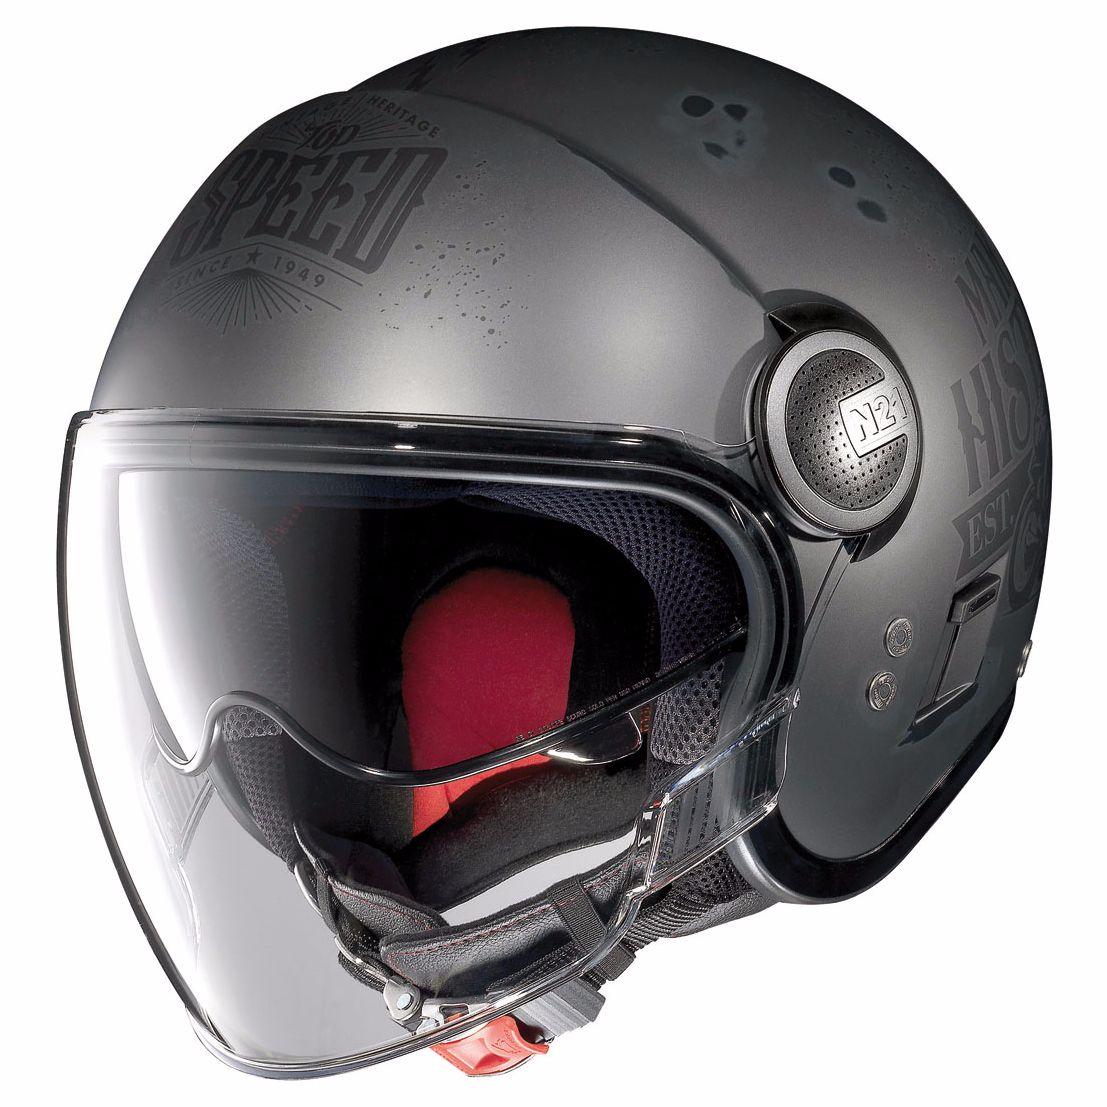 casque nolan n21 visor moto gp legends casque jet. Black Bedroom Furniture Sets. Home Design Ideas